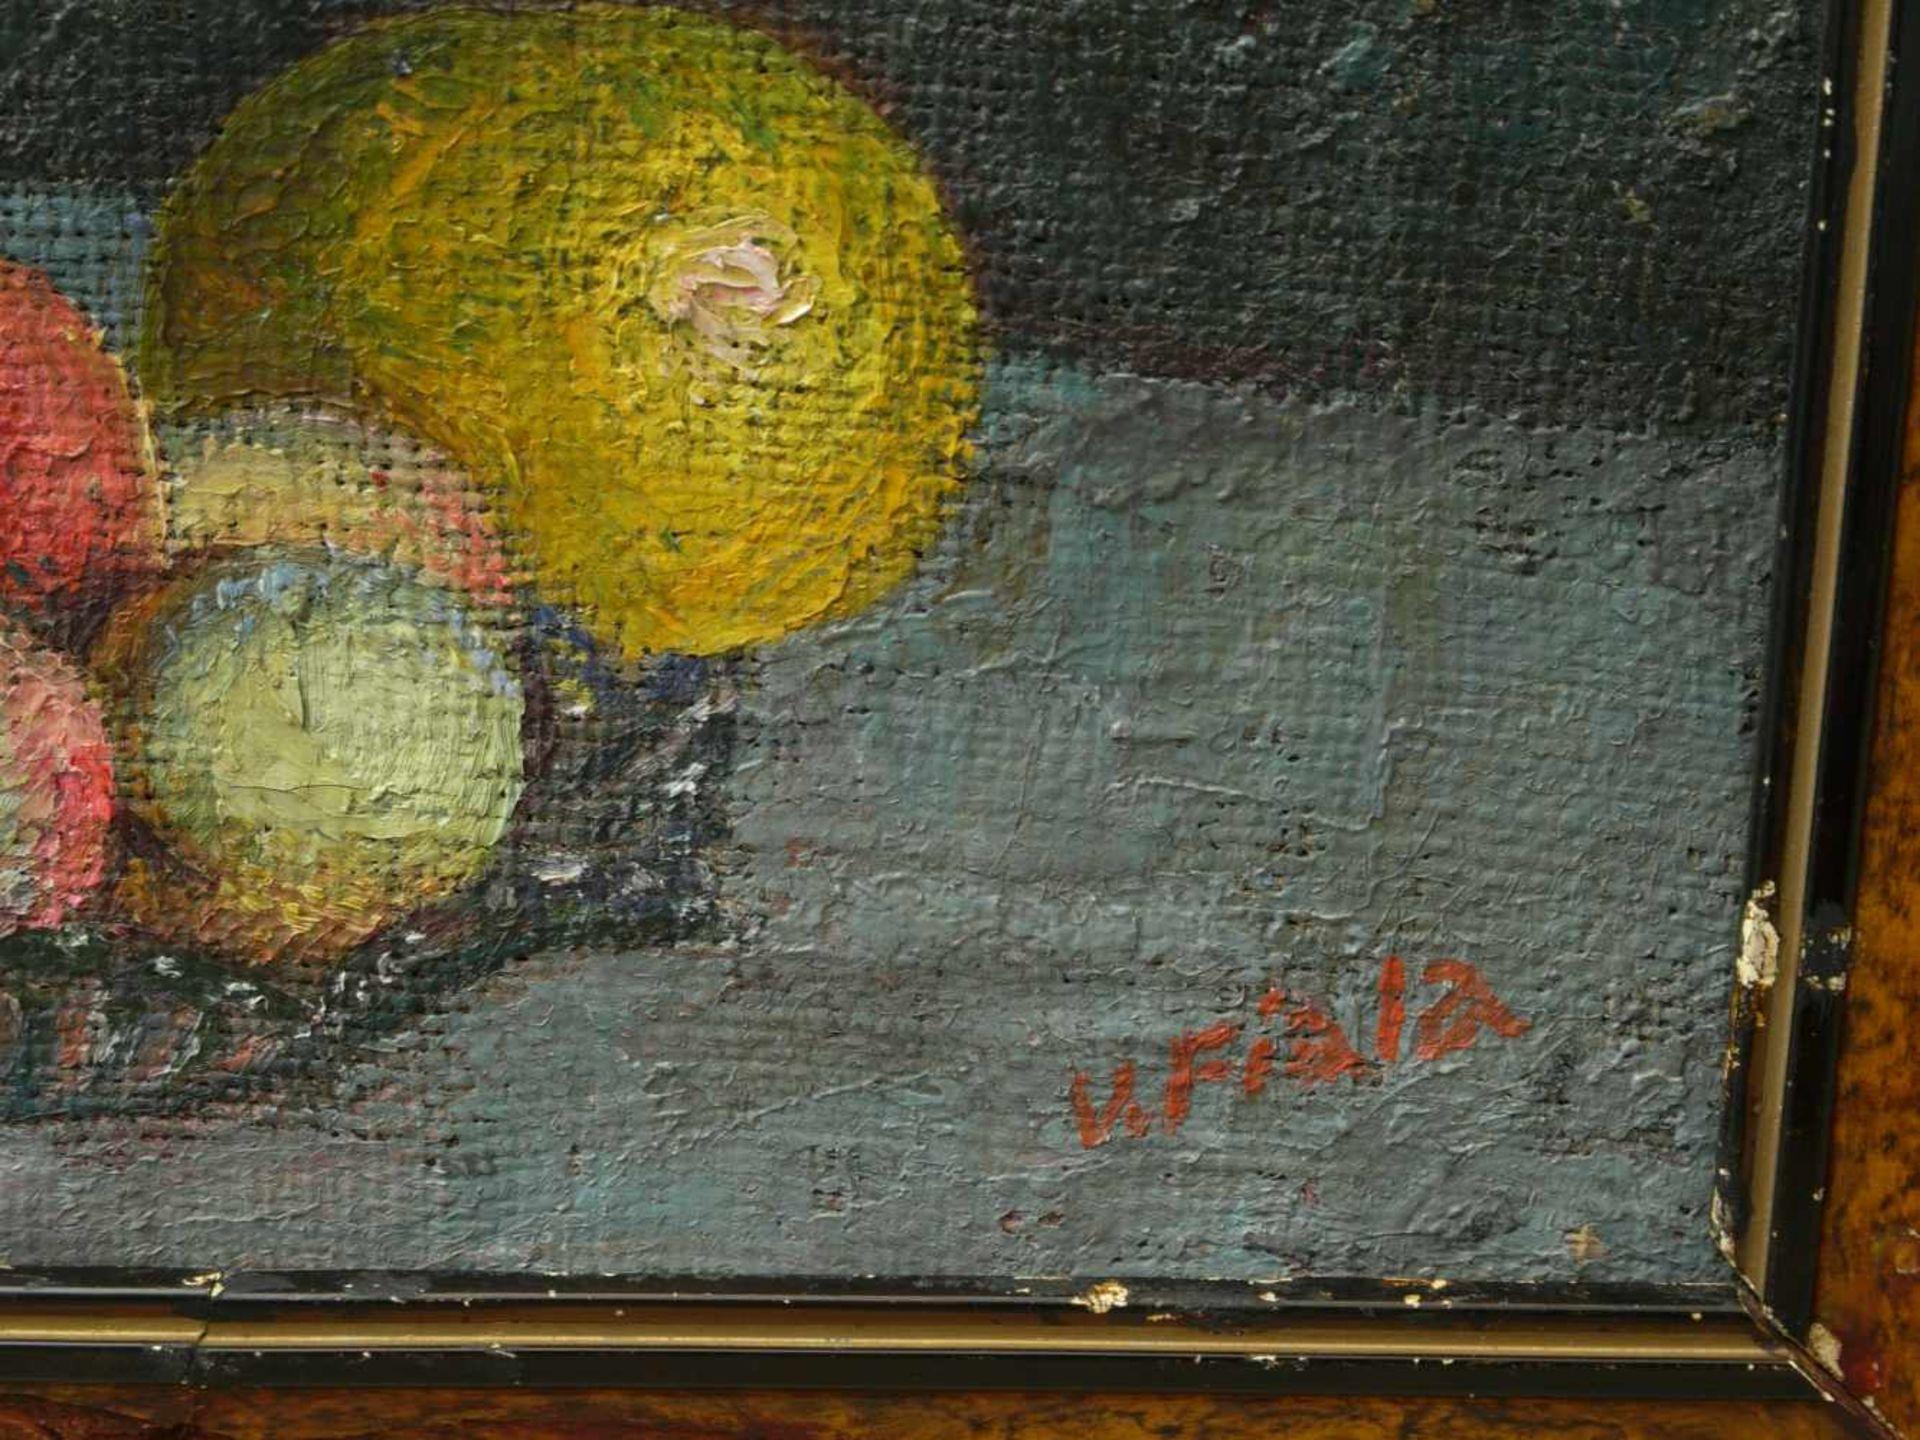 Fiala, Vaclav (1896-1980) - Stillleben mit Vase und FrüchtenAnsicht einer hohen, silbernen - Bild 5 aus 8